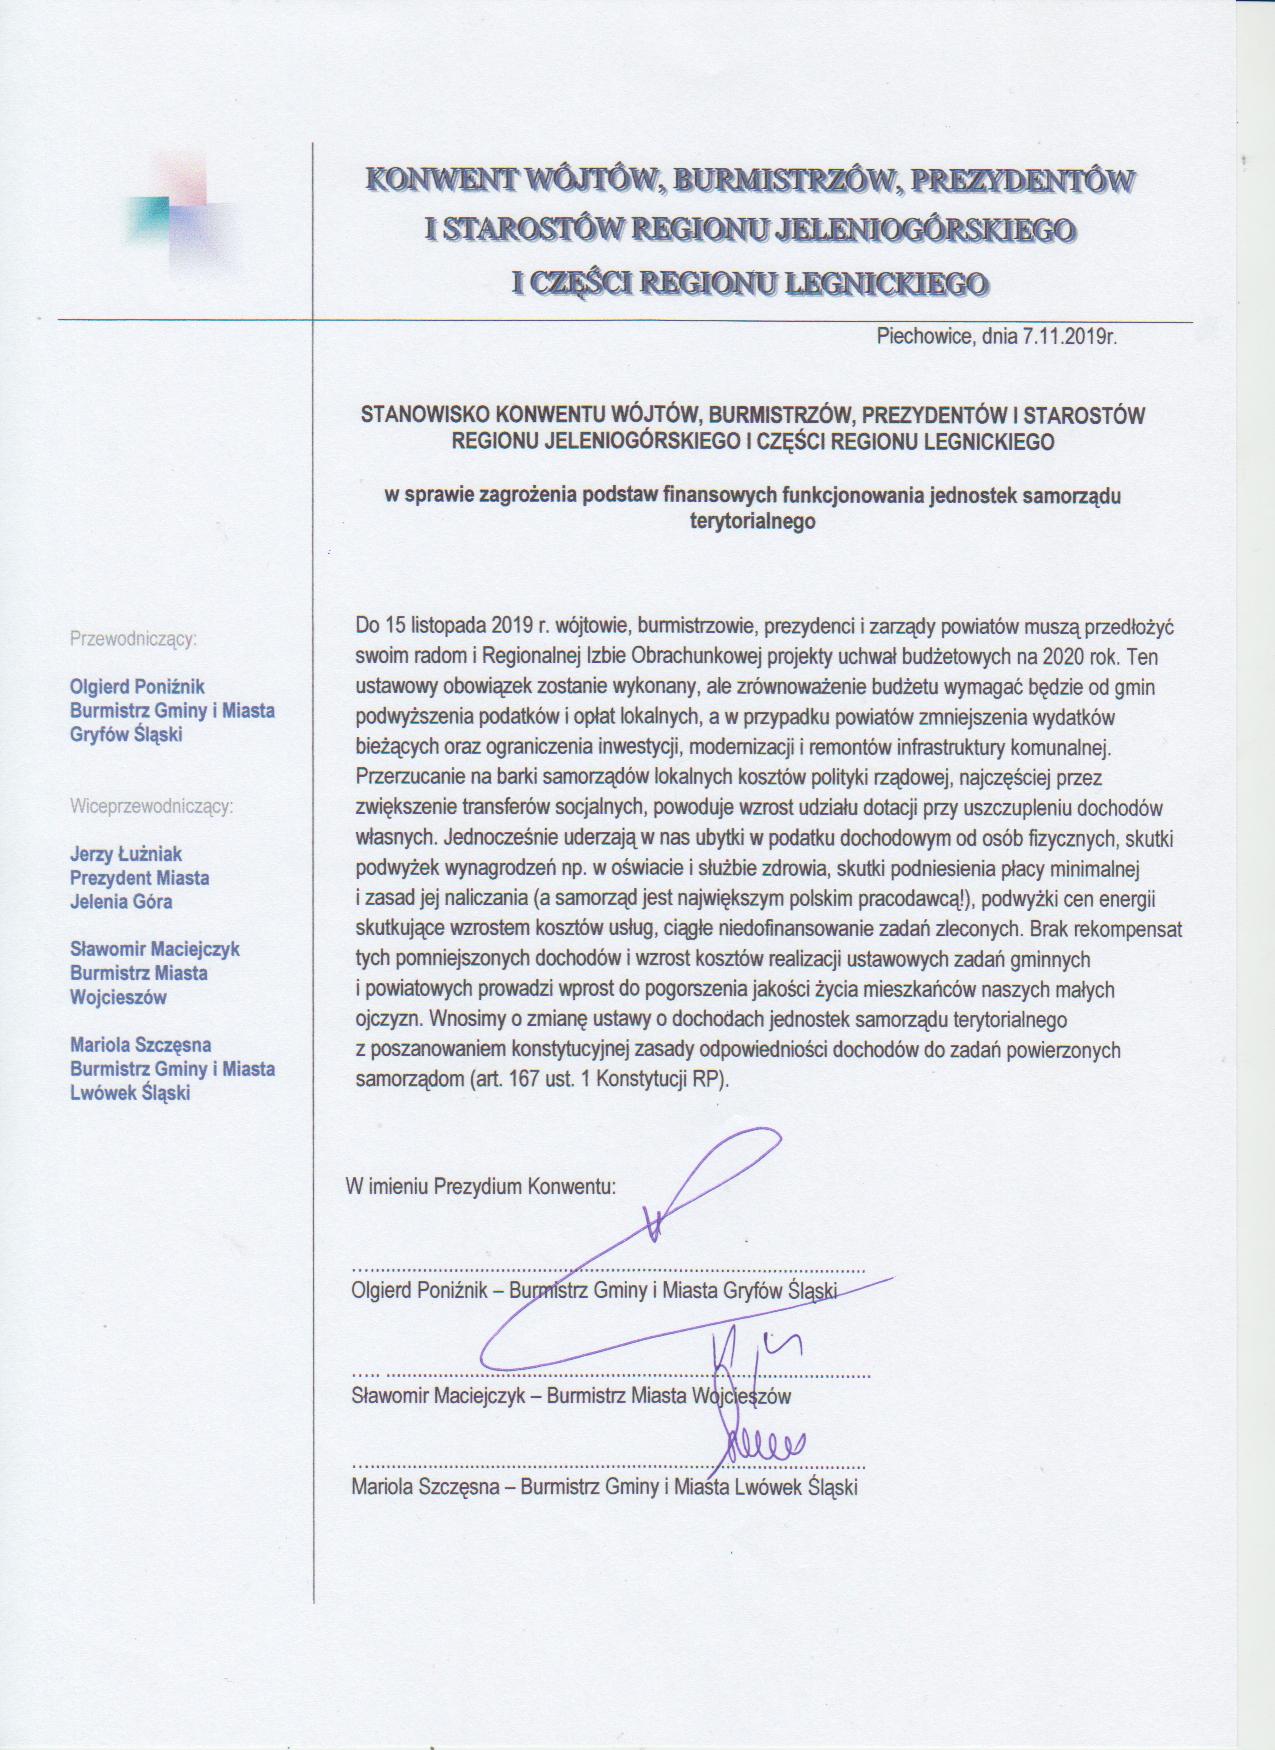 Stanowisko w sprawie zagrożenia podstaw finansowych funkcjonowania jednostek samorządu terytorialnego